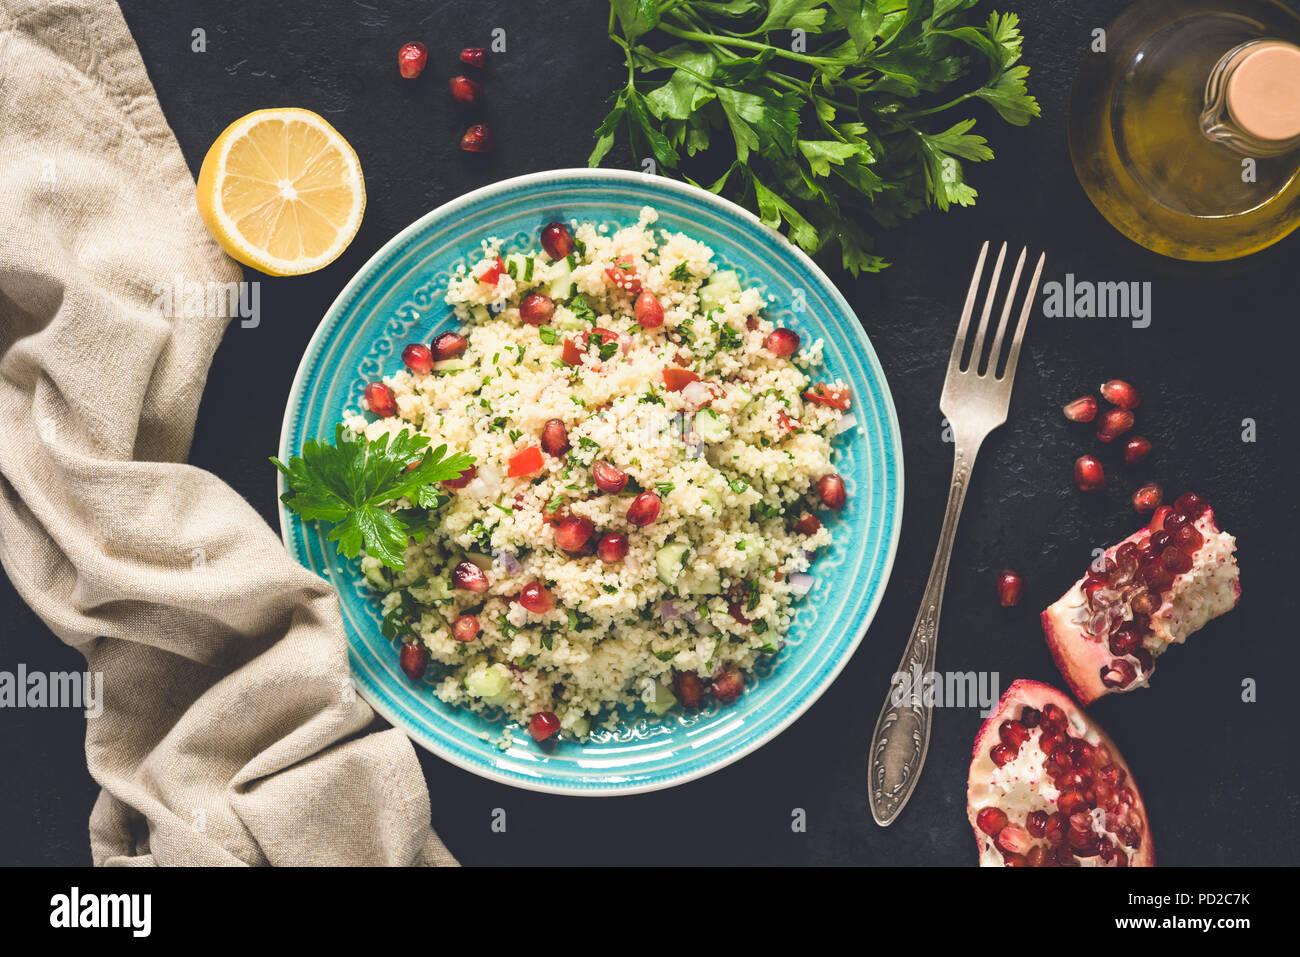 Taboulé salade du Moyen-Orient avec du couscous, graines de grenade, le persil. Vue d'en haut, l'image aux couleurs Banque D'Images